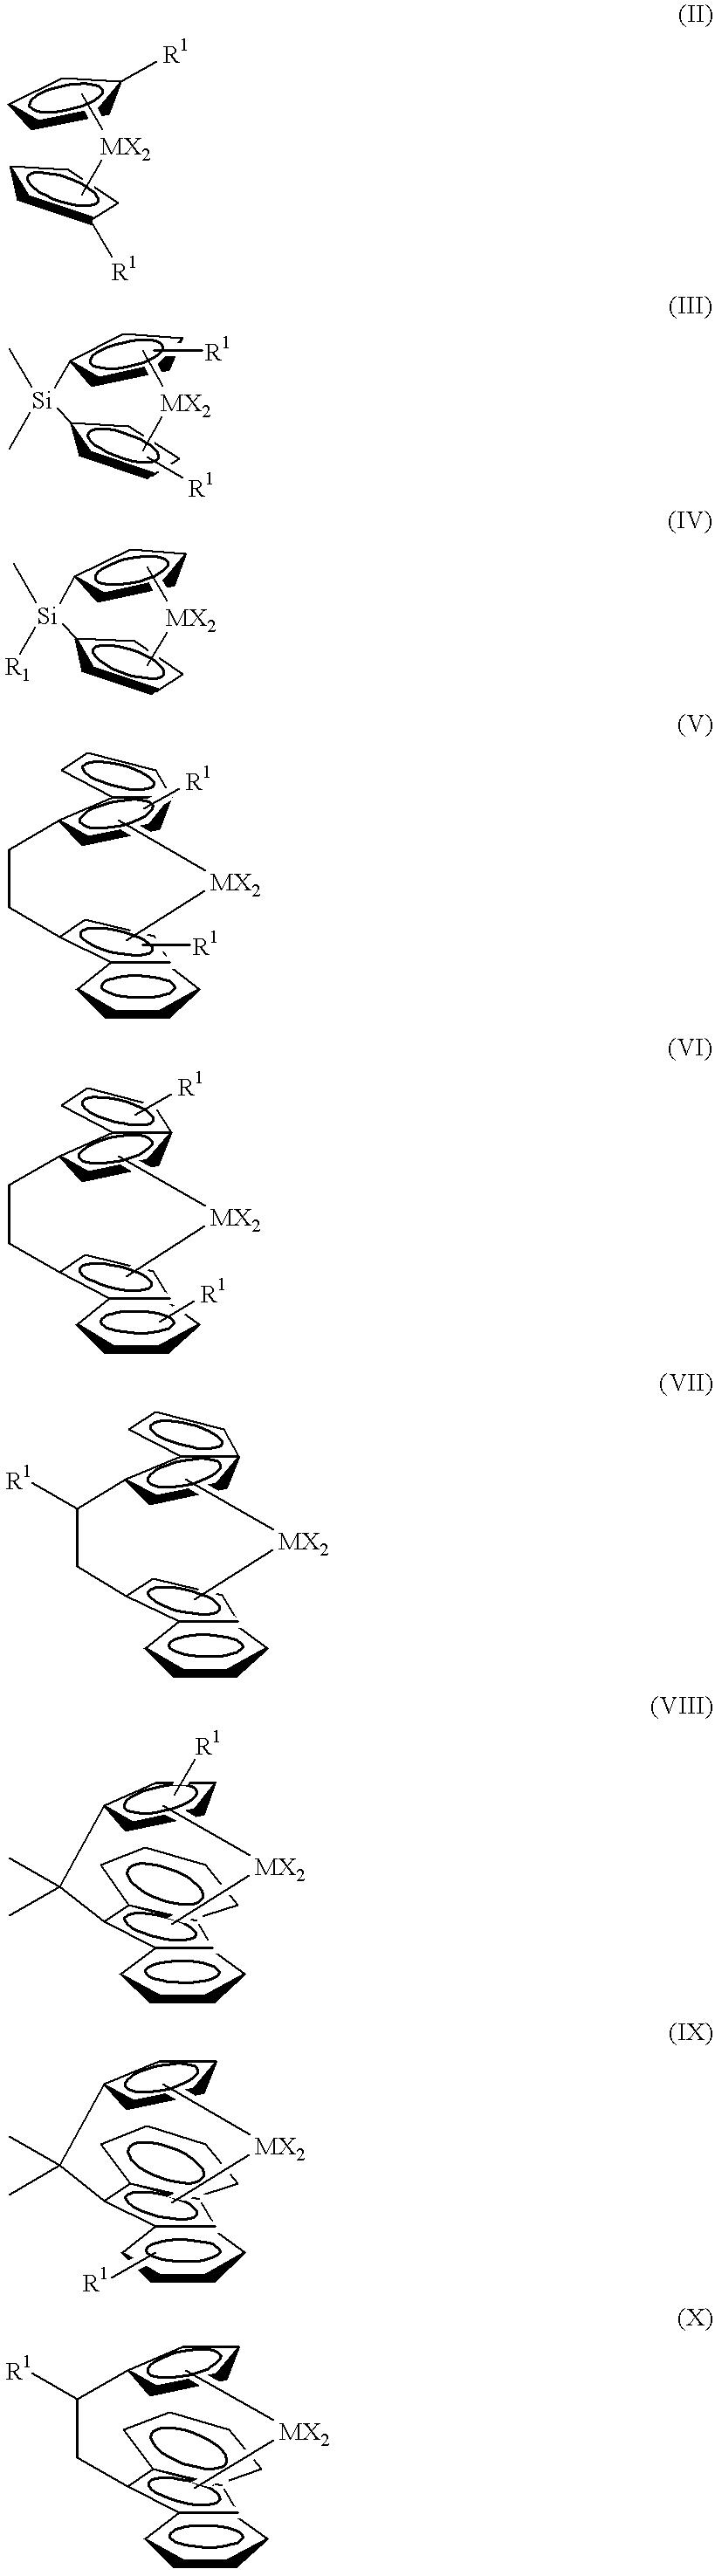 Figure US06255417-20010703-C00001